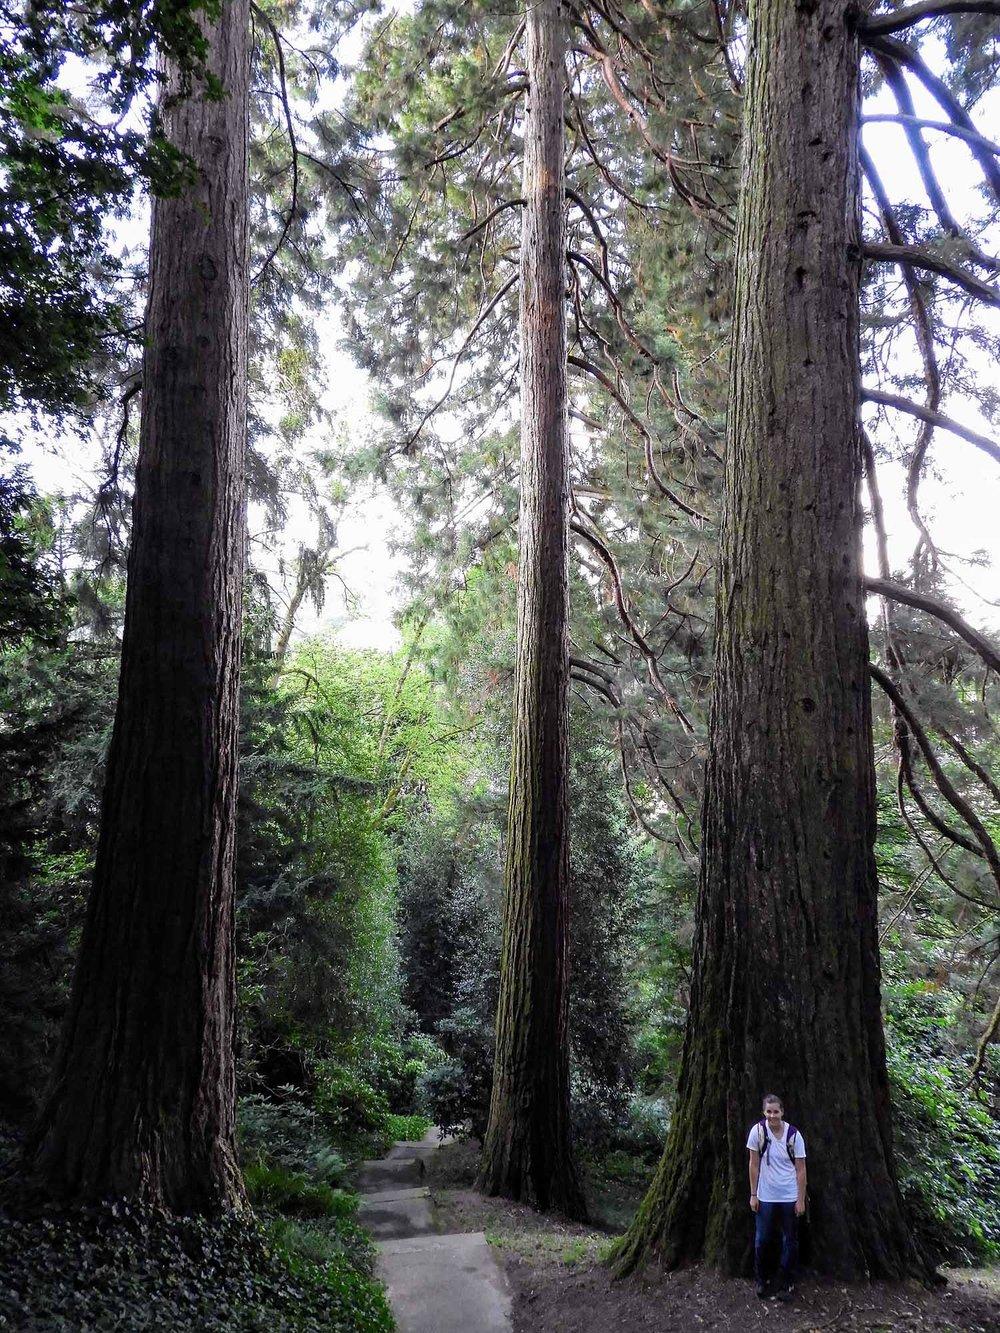 germany-baden-baden-giant-sequioa-grove.jpg